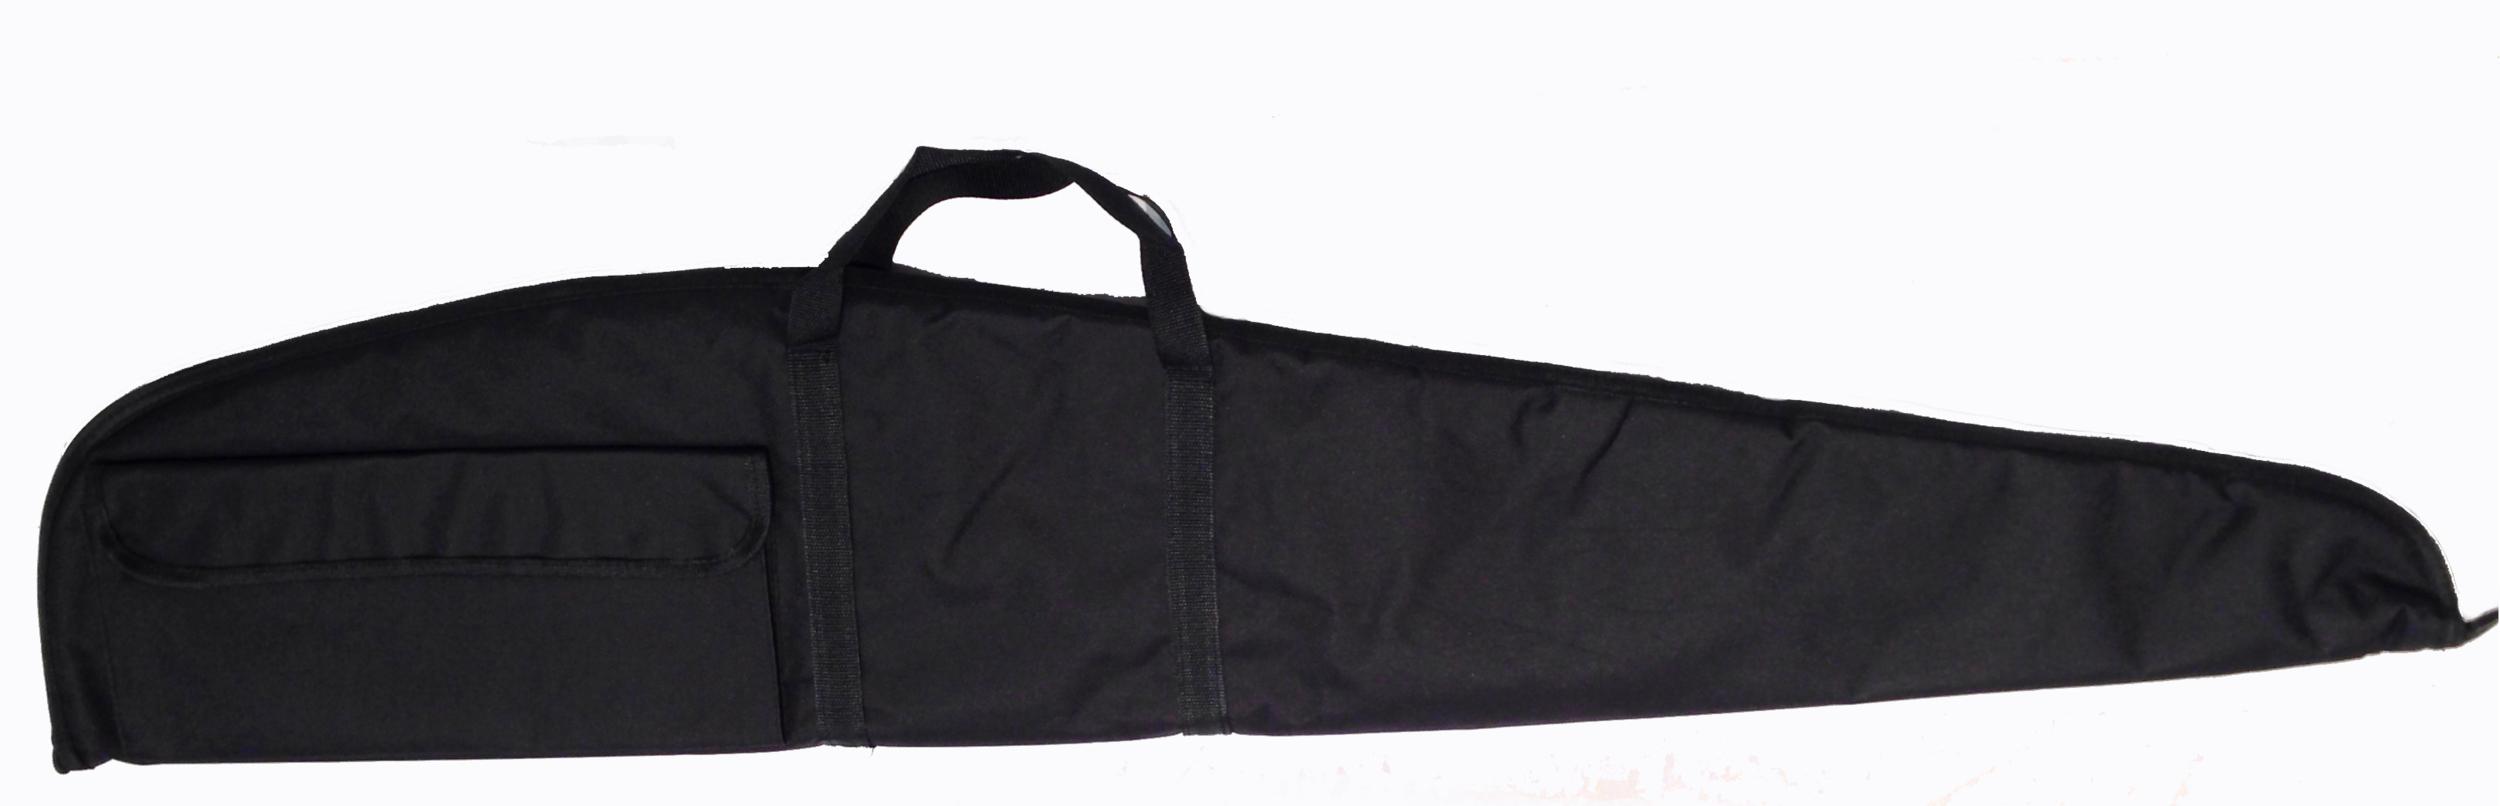 Fourreau noir de transport 123 cm pour carabine